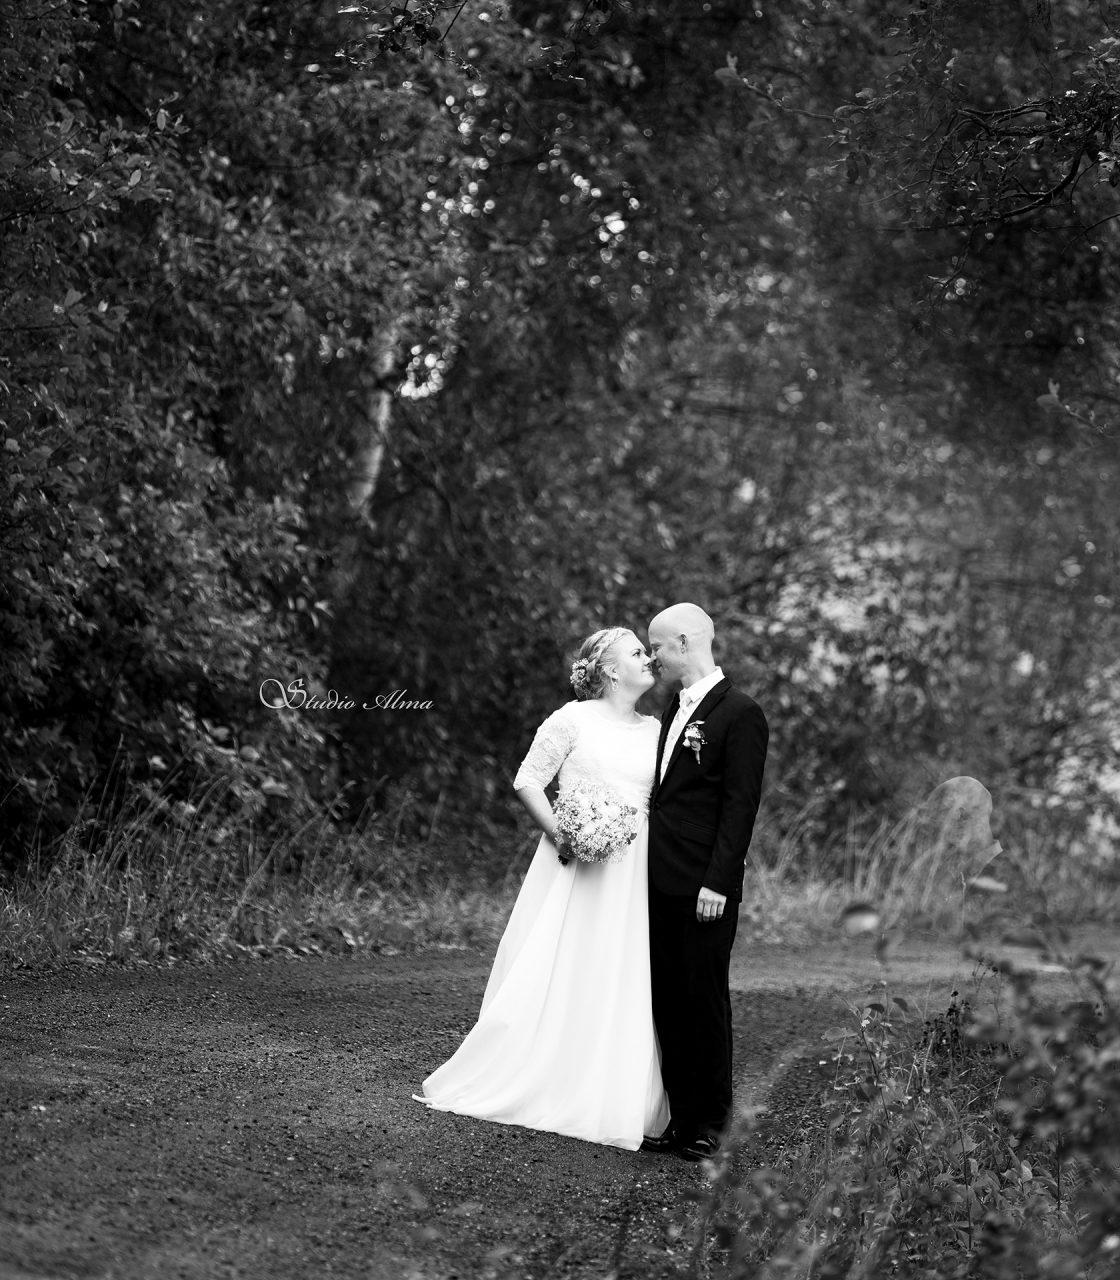 brudepar-fotograf-studioalma